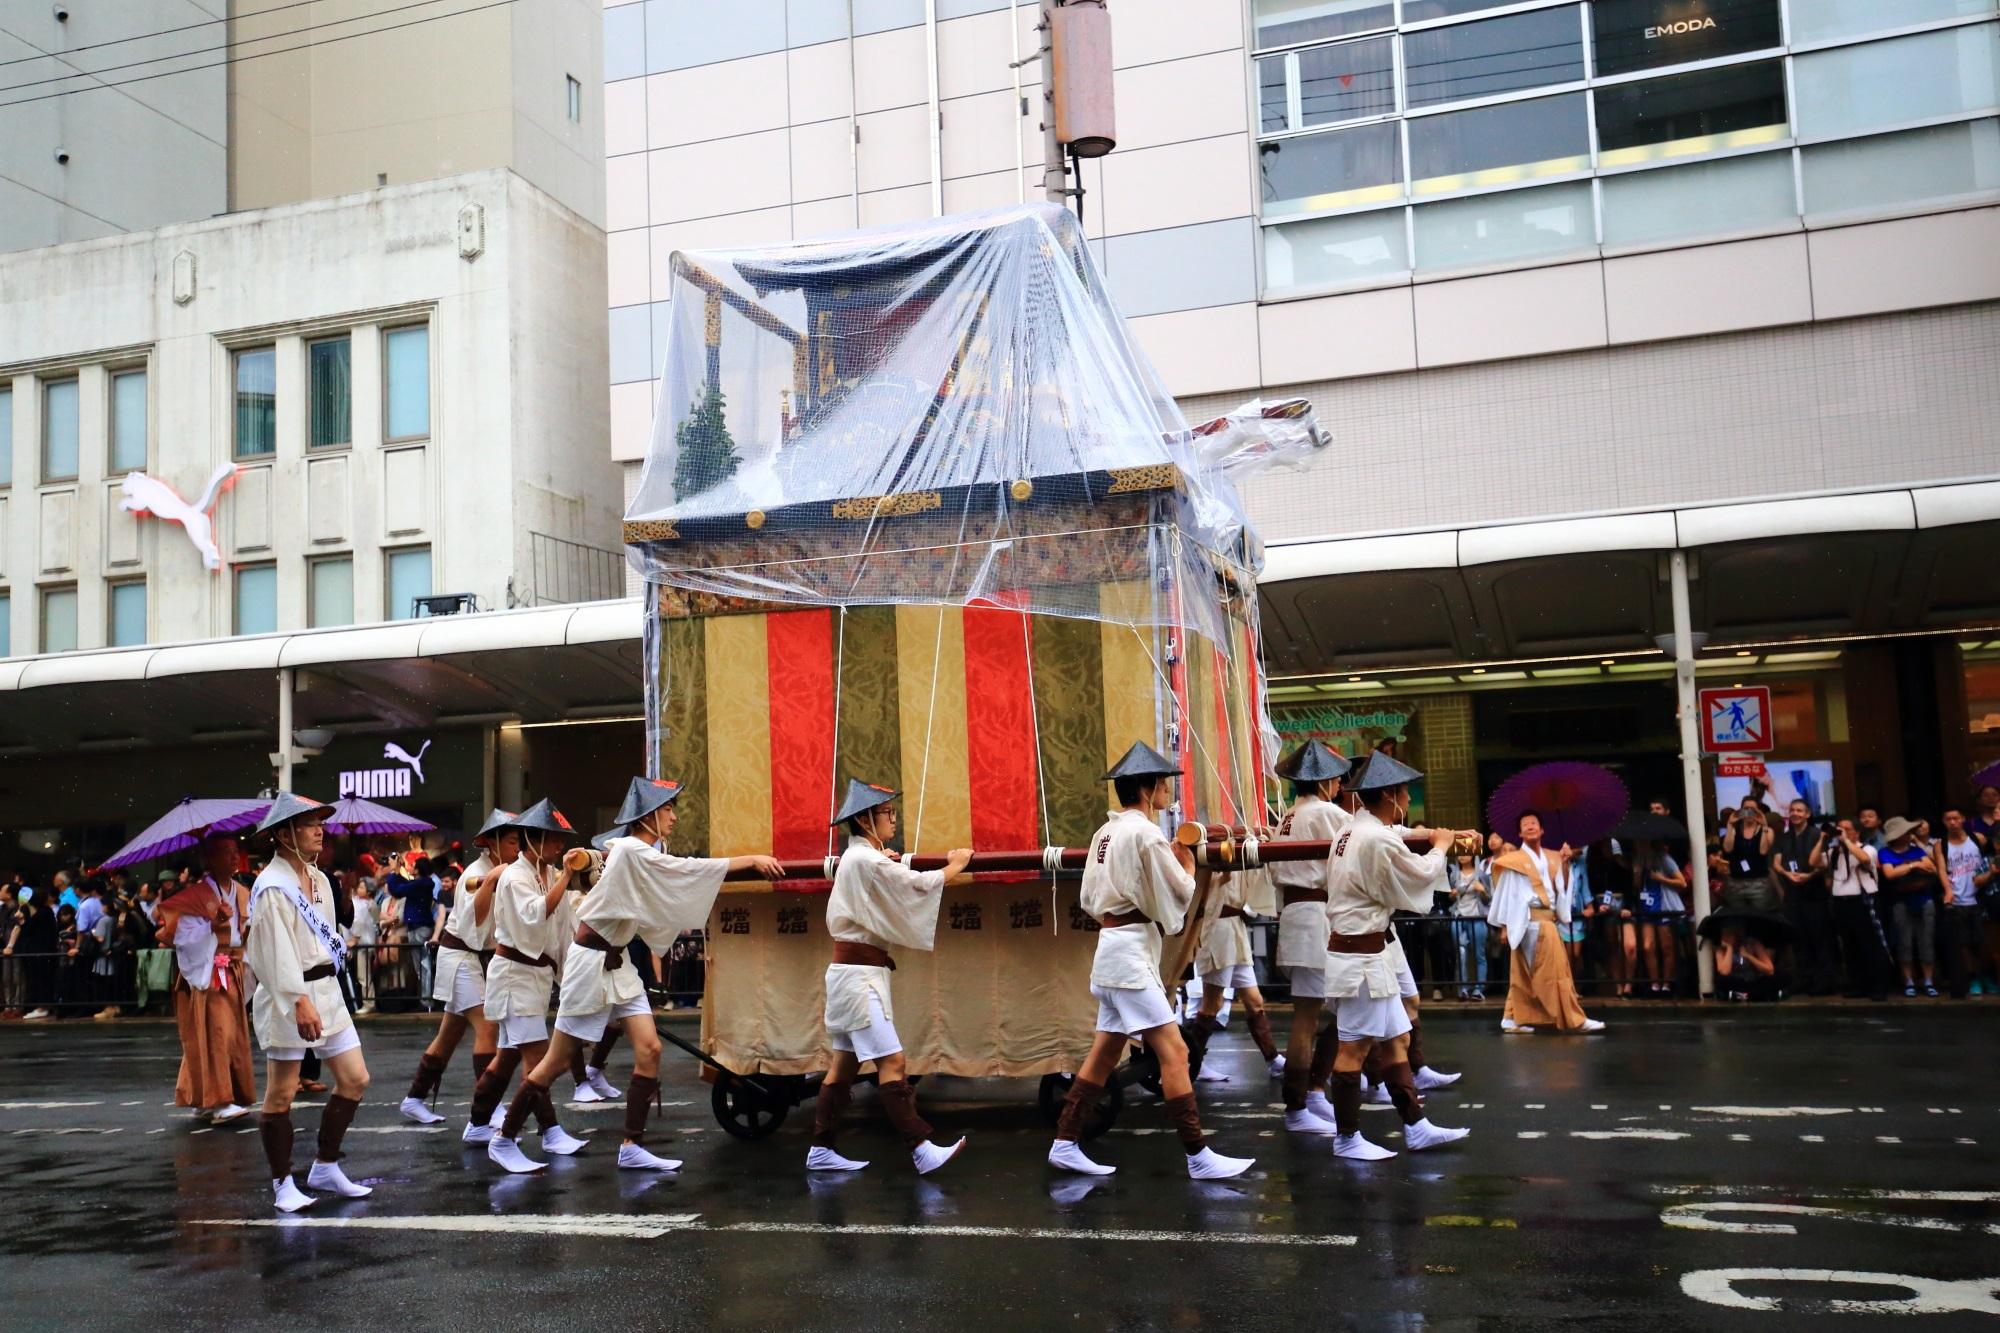 祇園祭山鉾巡行の蟷螂山(とうろうやま)